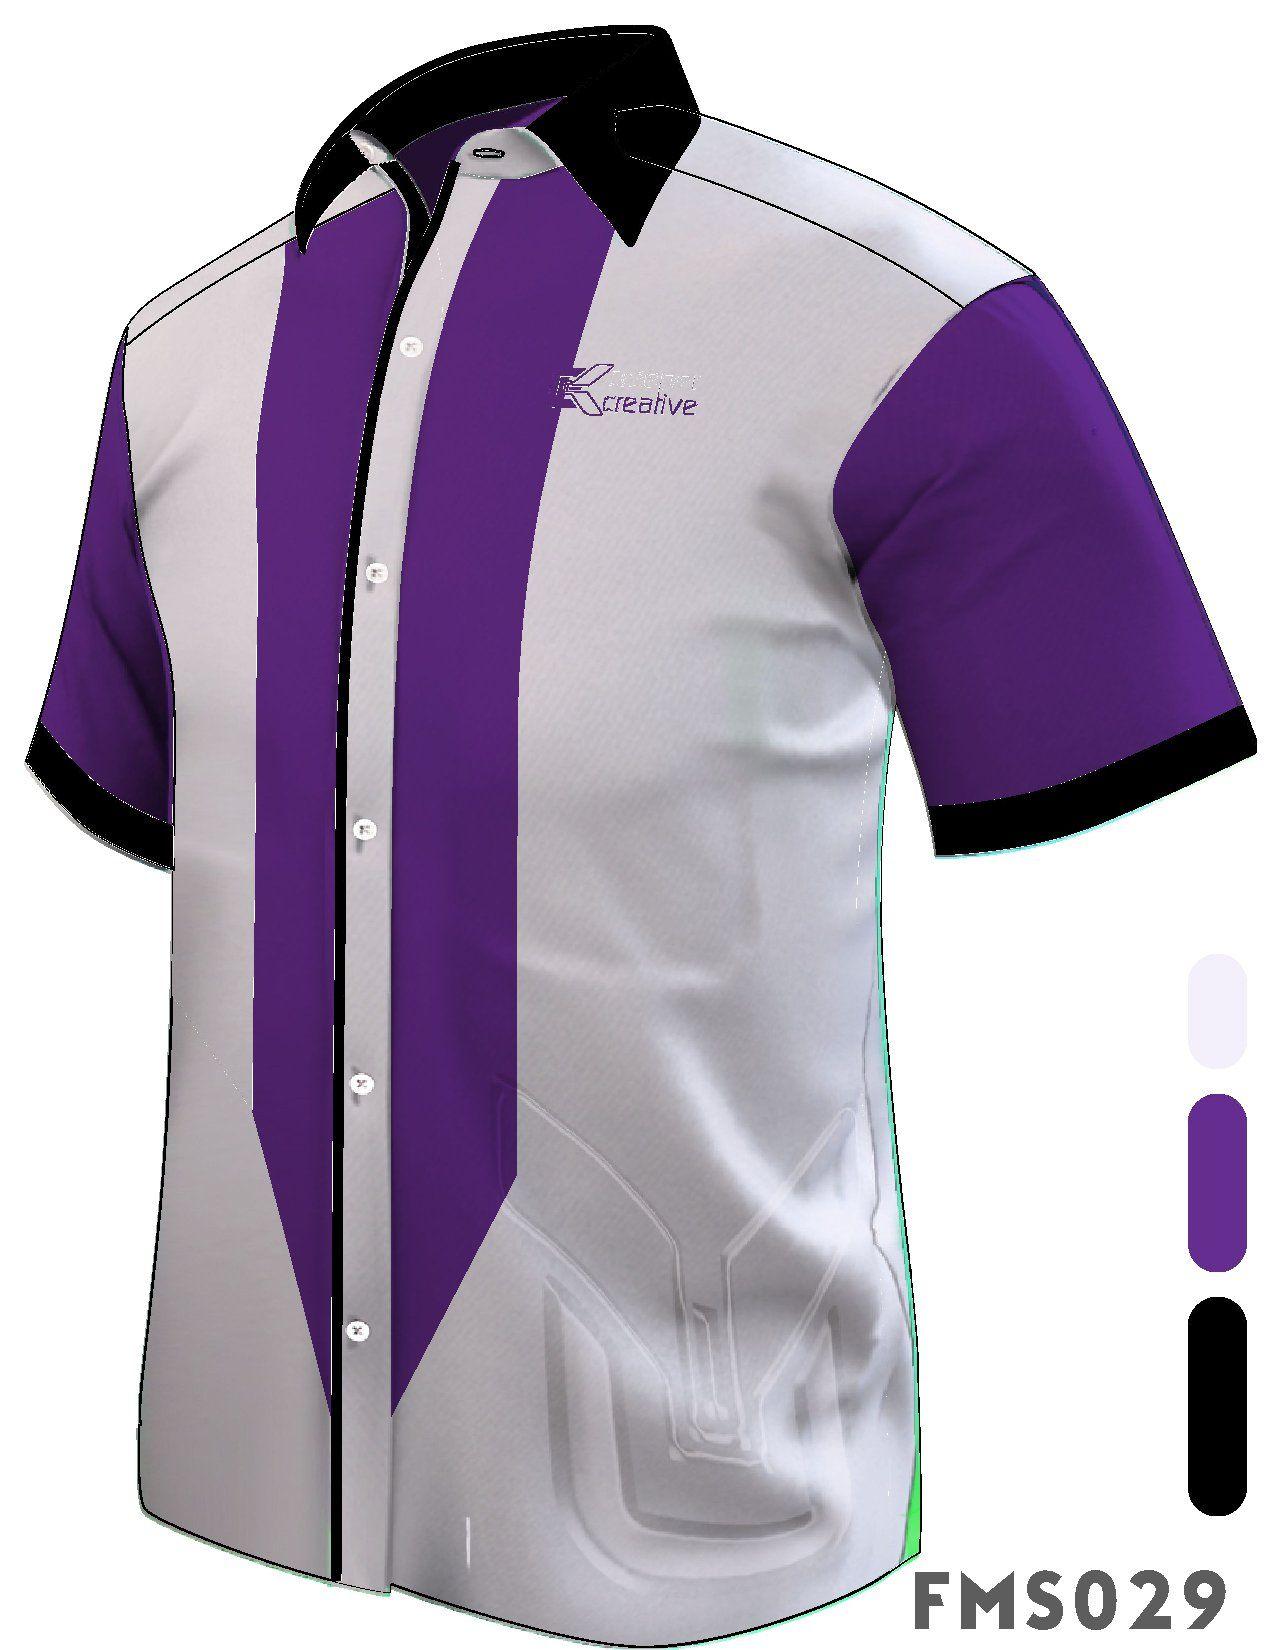 Custom Made Design Uniform Creeper Creative Menerima tempahan baju korporat custom made lengan pendek, third quarte, panjang dan muslimah. Material kain viscose pelbagai pilihan warna.